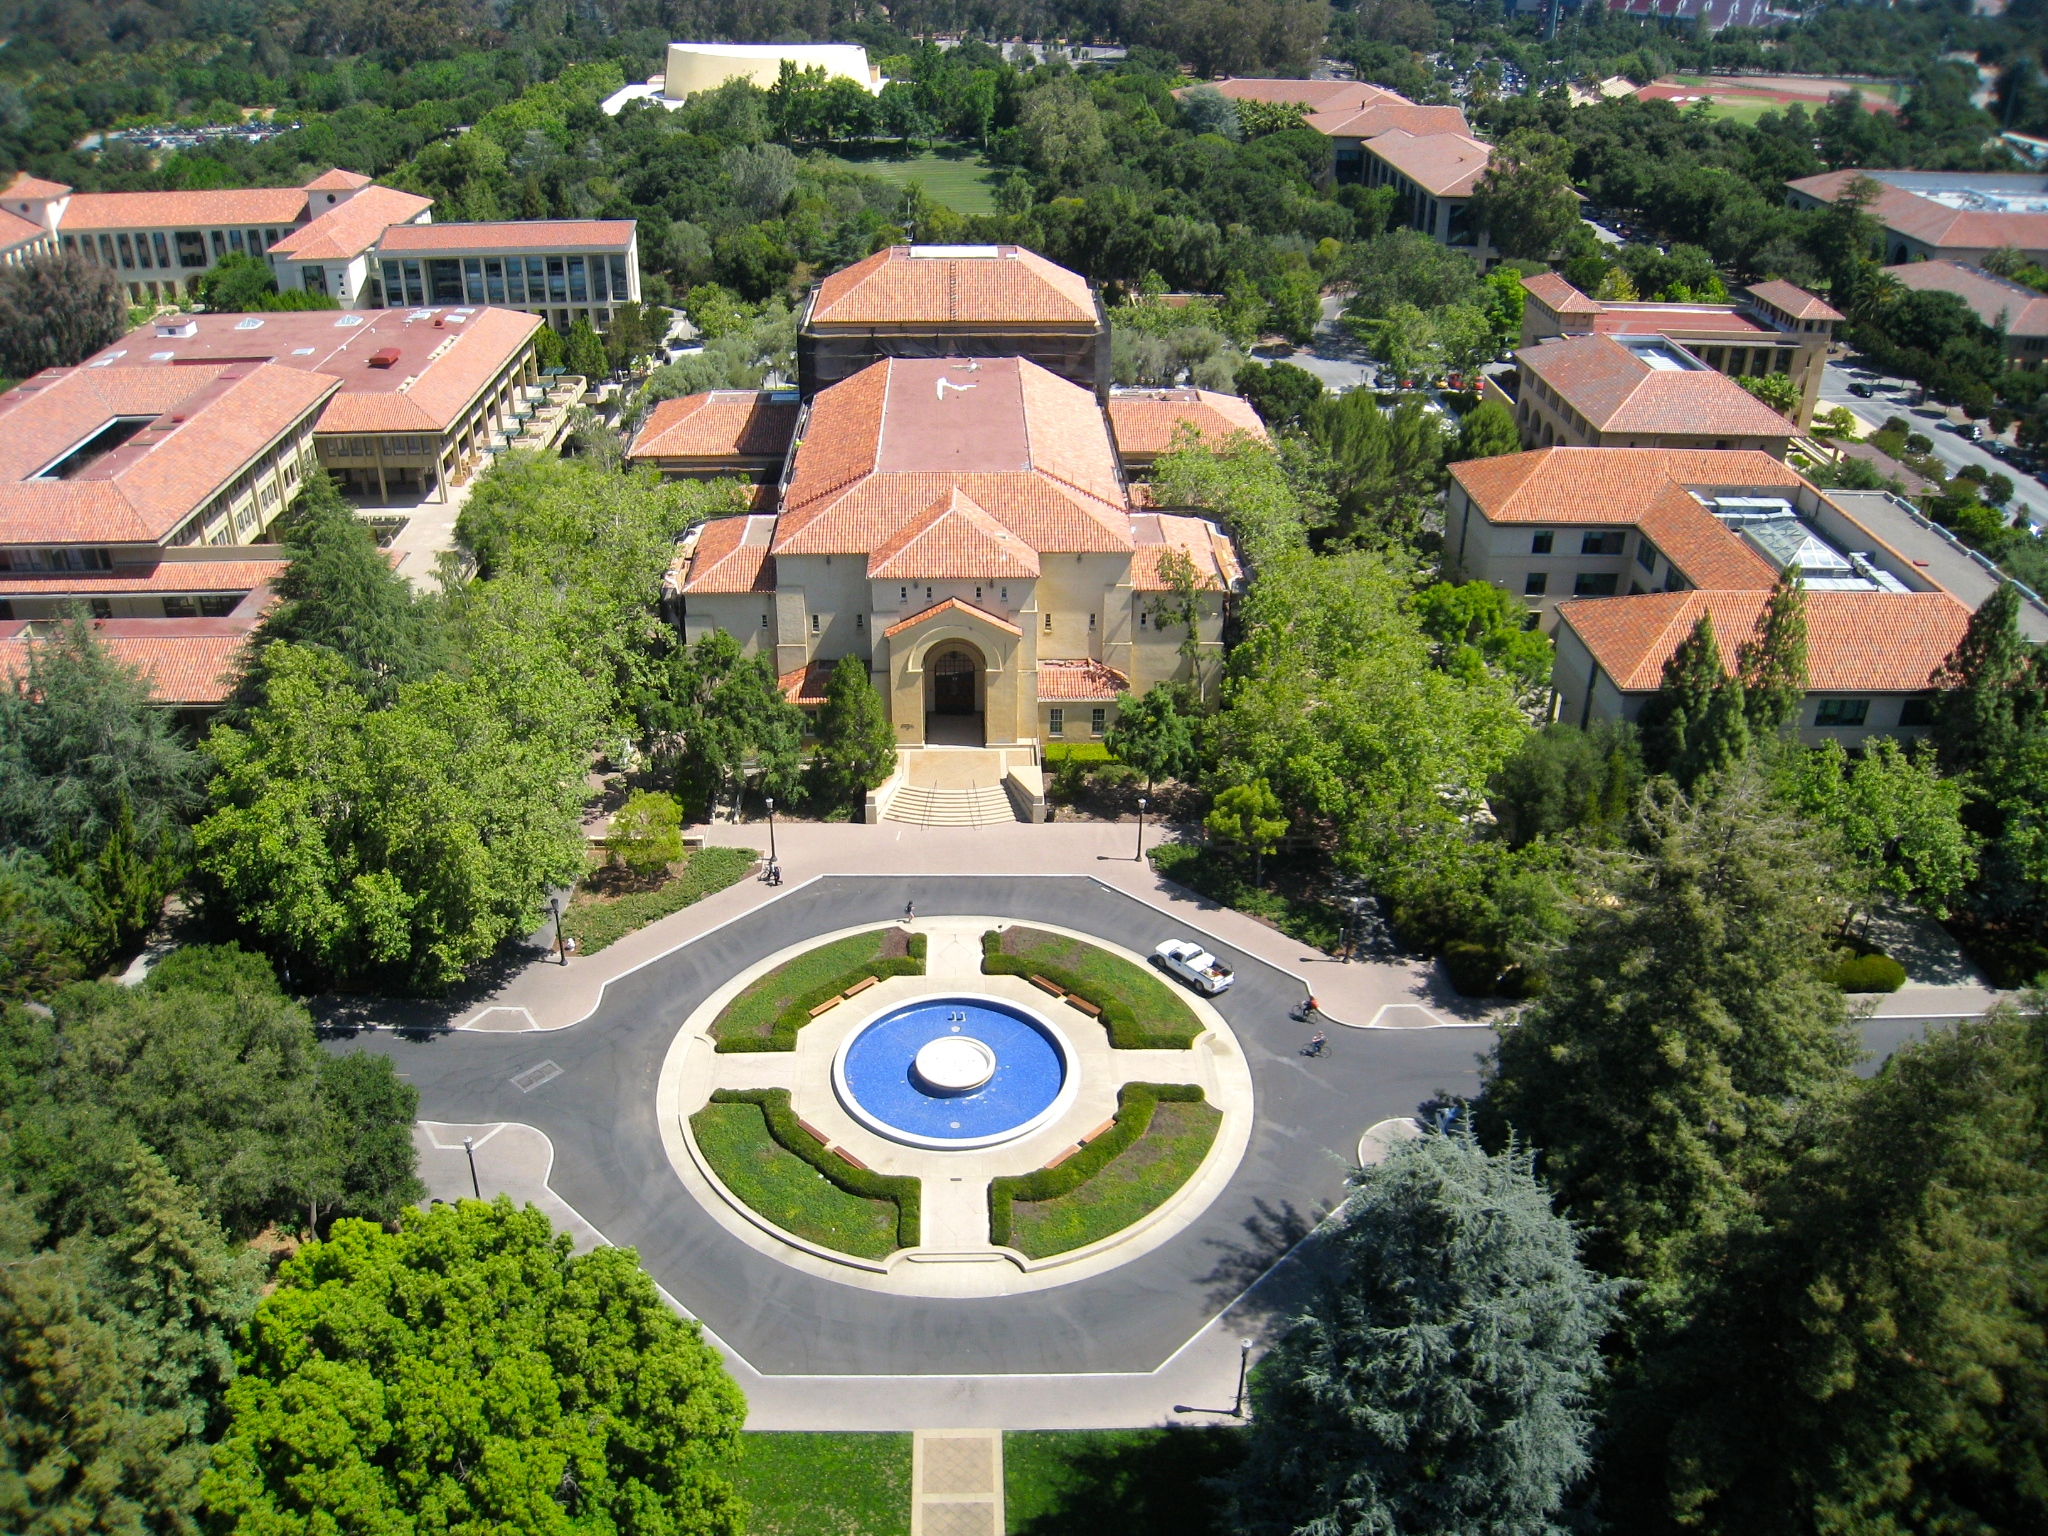 美国斯坦福大学留学硕士申请费用与奖学金材料要求